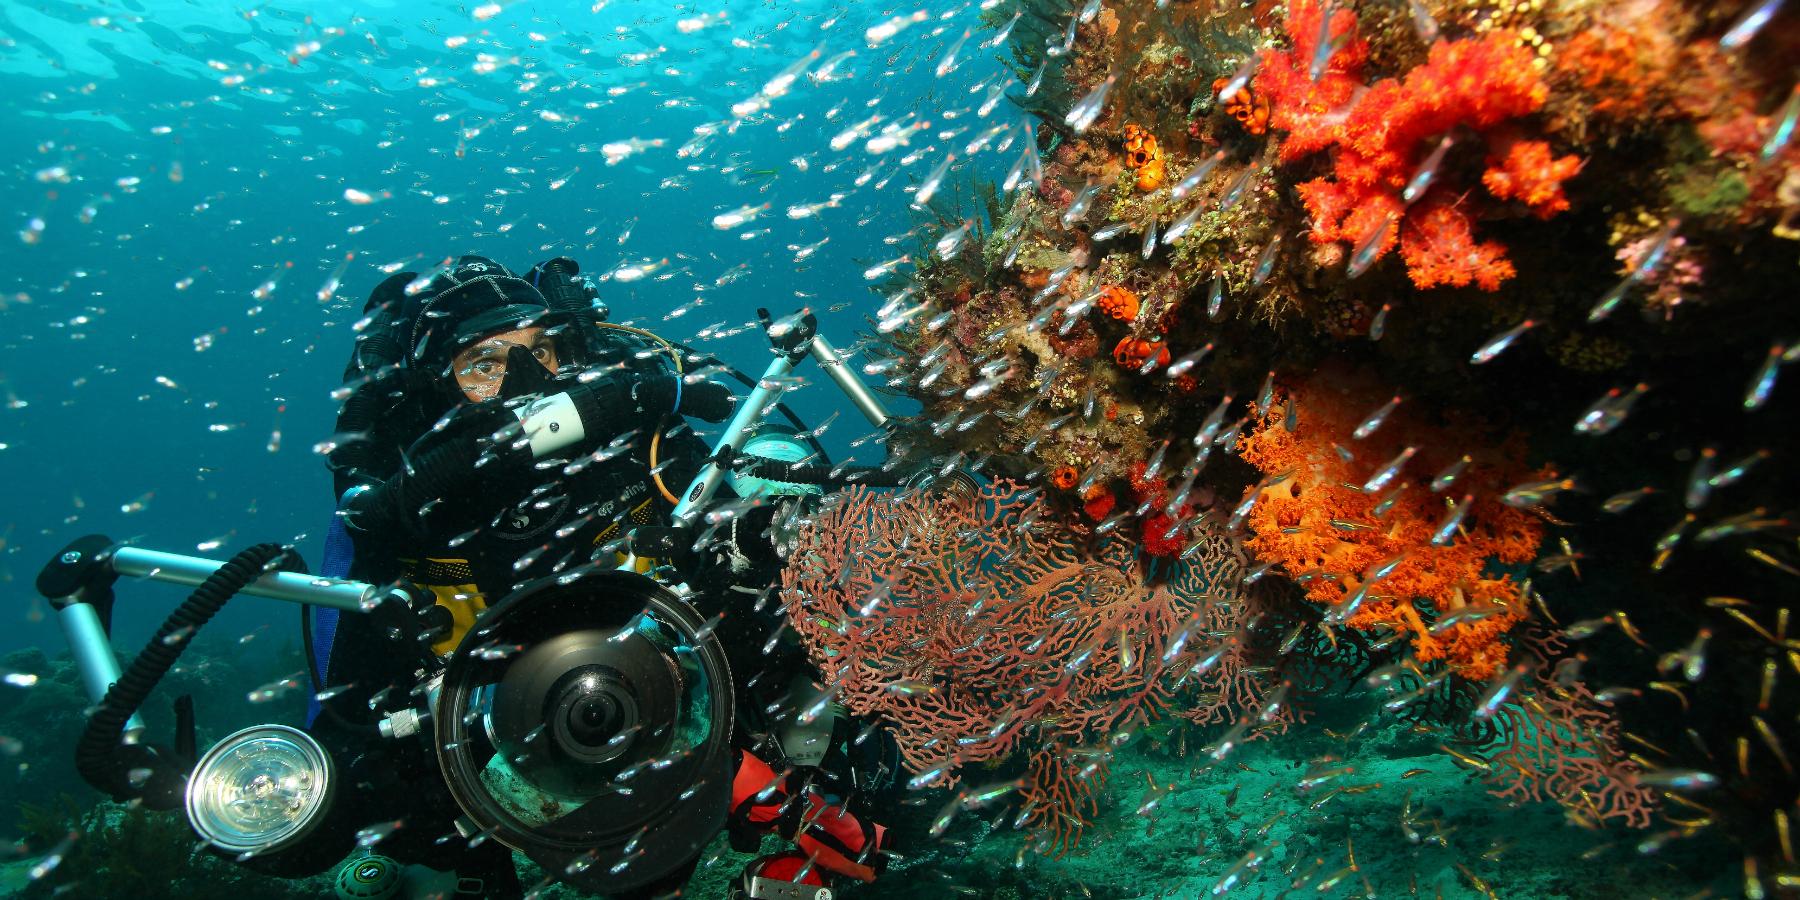 IMG 6767 Gilles di Raimondo - Papouasie : expédition au cœur d'un monde perdu